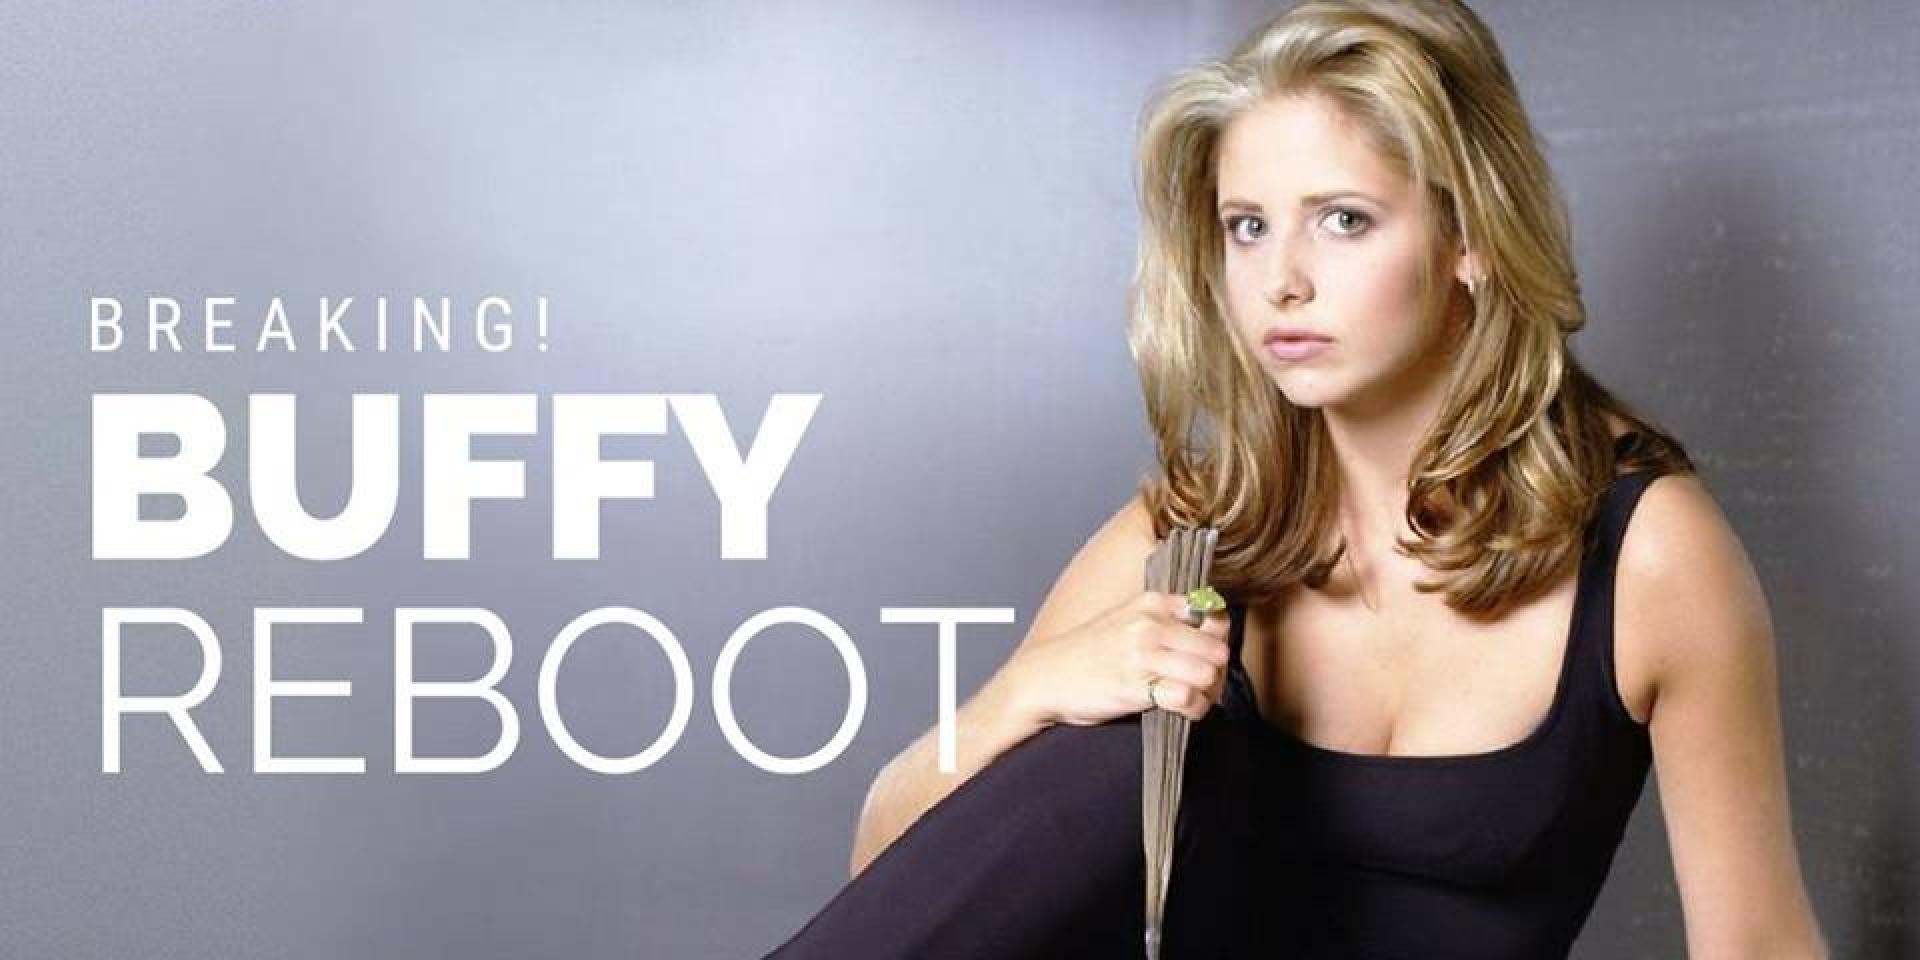 Reboot-ot kap a Buffy a vámpírok réme